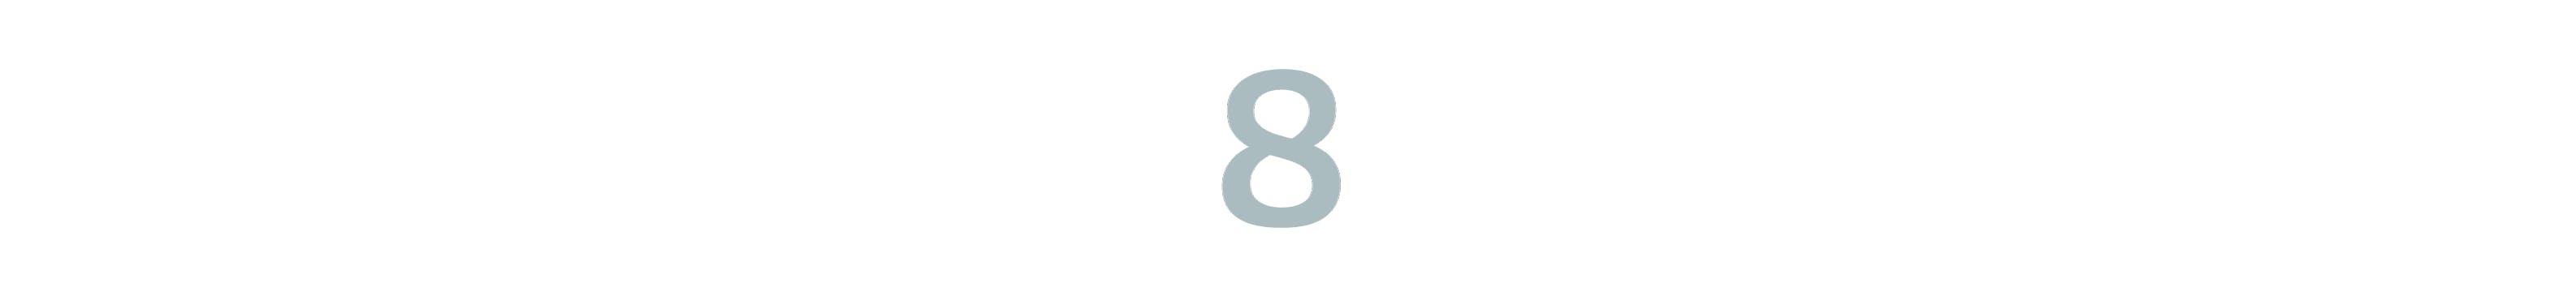 Zahl_8